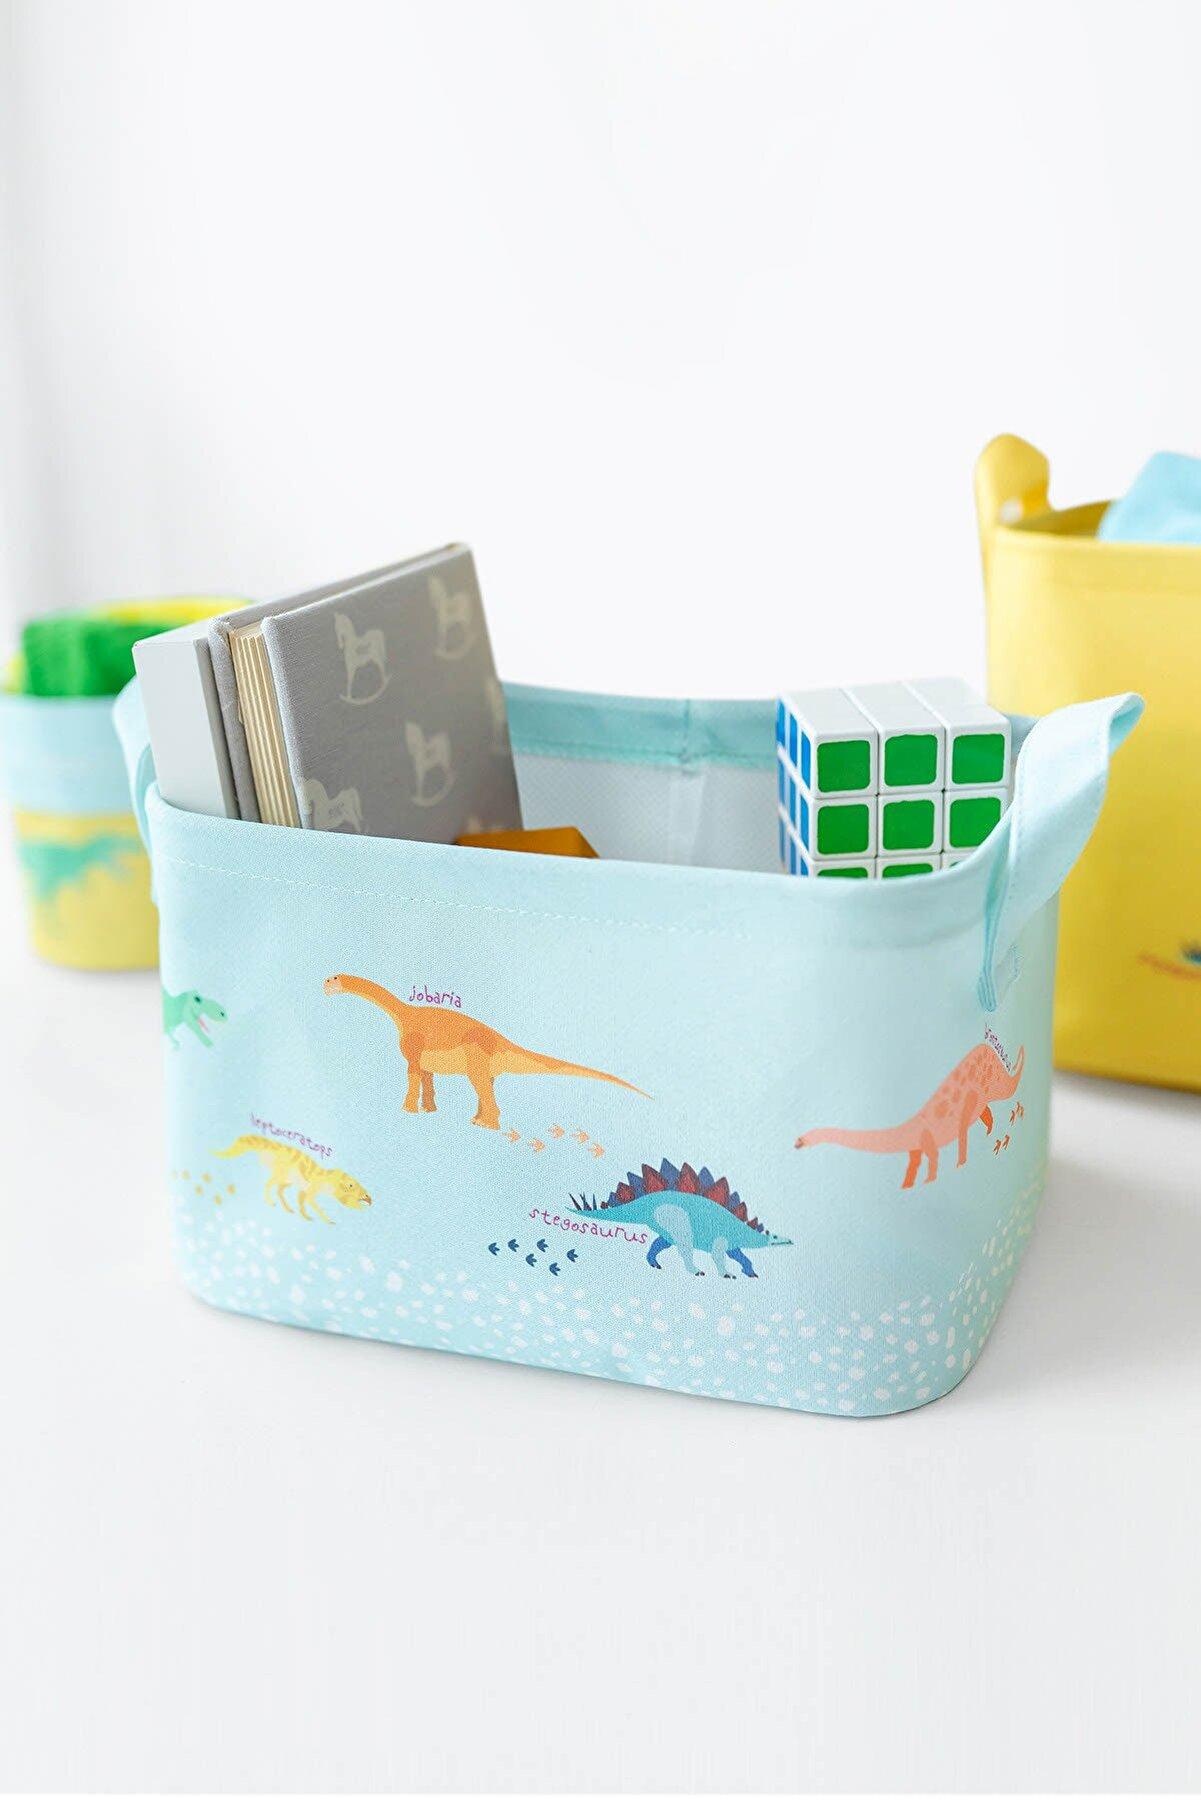 Ocean Home Dinozor Çocuk Odası Sepeti // 24x17x14